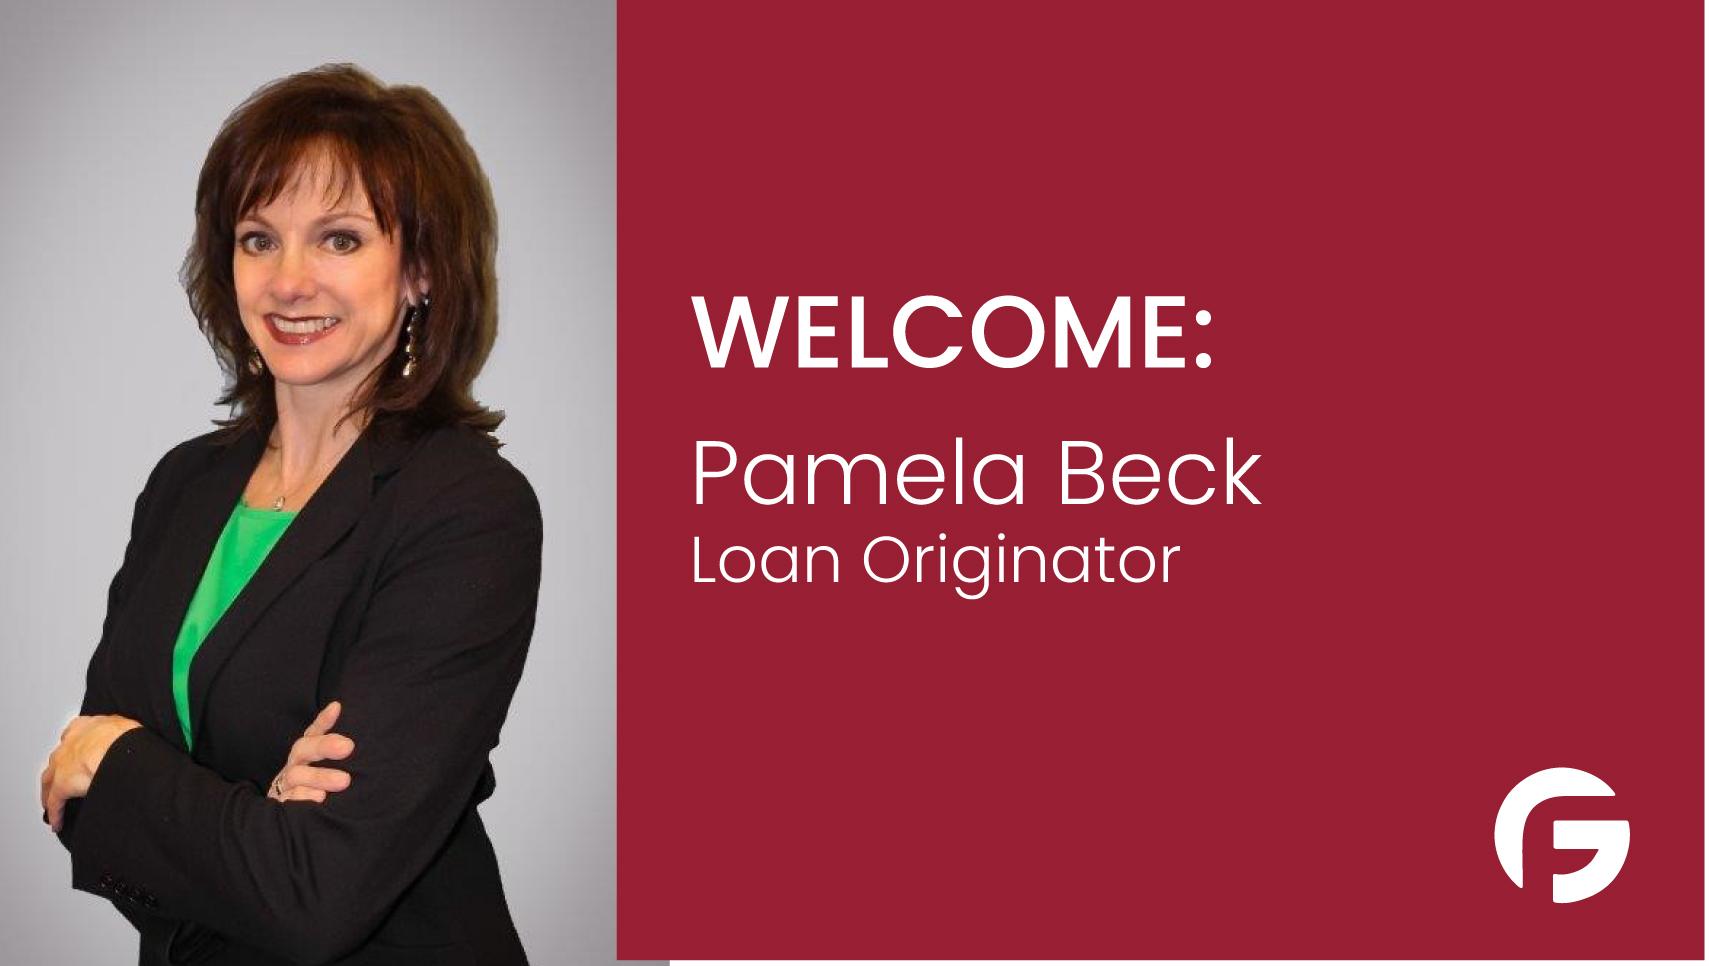 Pamela Beck Loan Originator serving Atlanta, GA